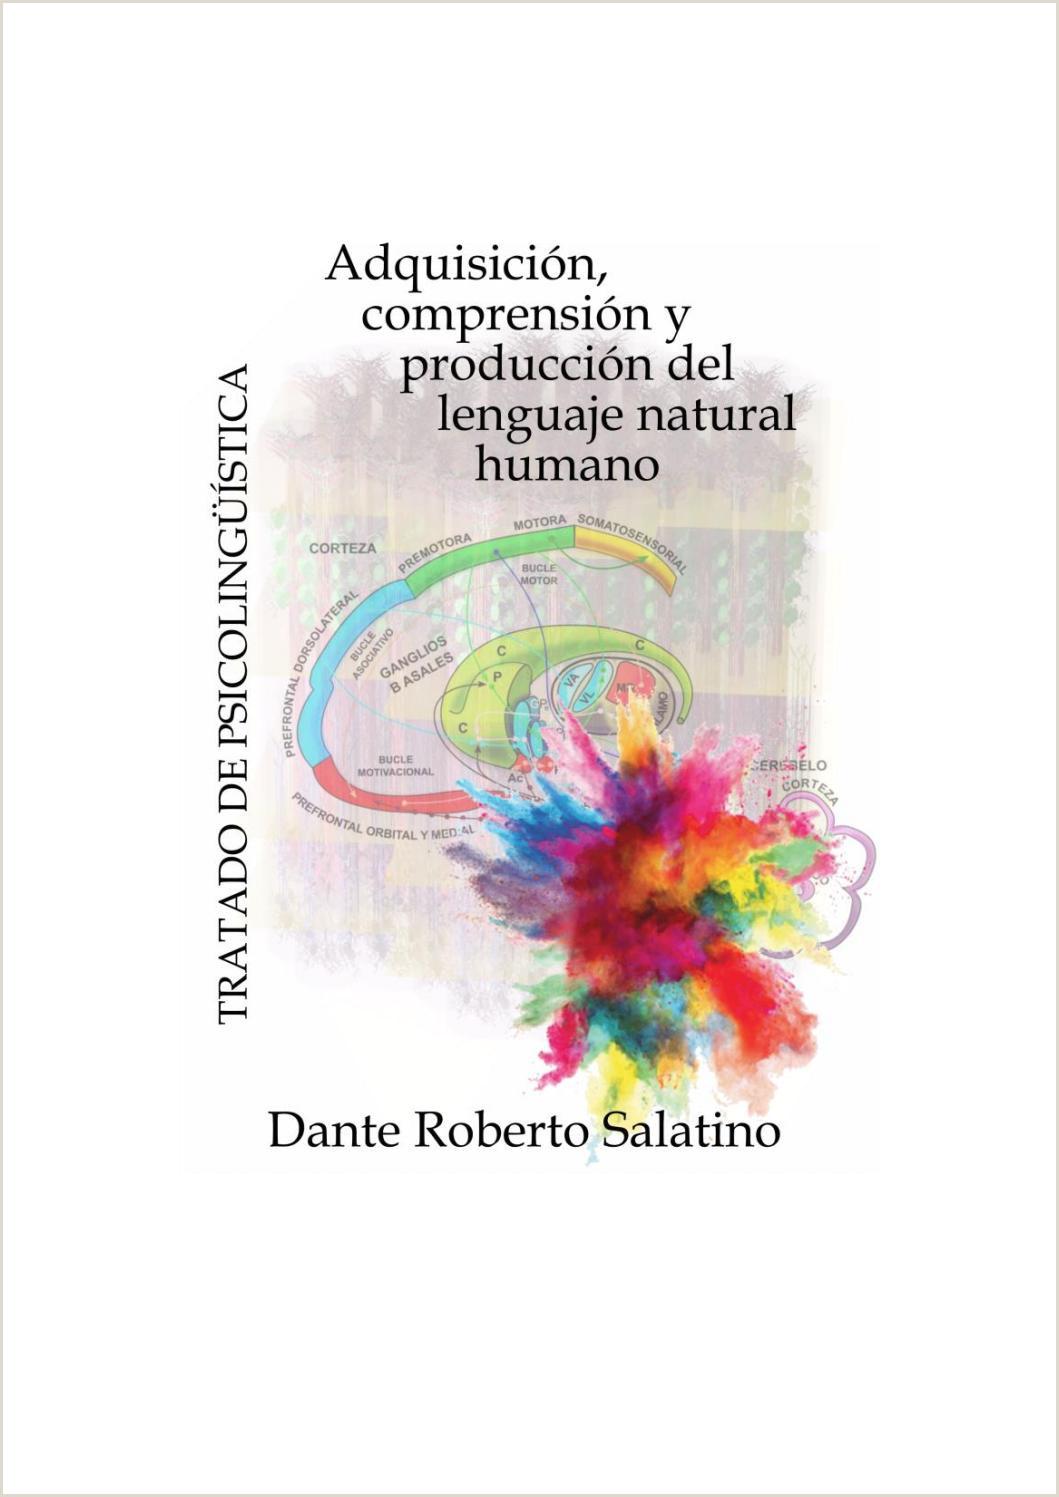 Como Hacer Una Hoja De Vida Bien Presentada Tratado De Psicolingüstica by Dante Salatino issuu